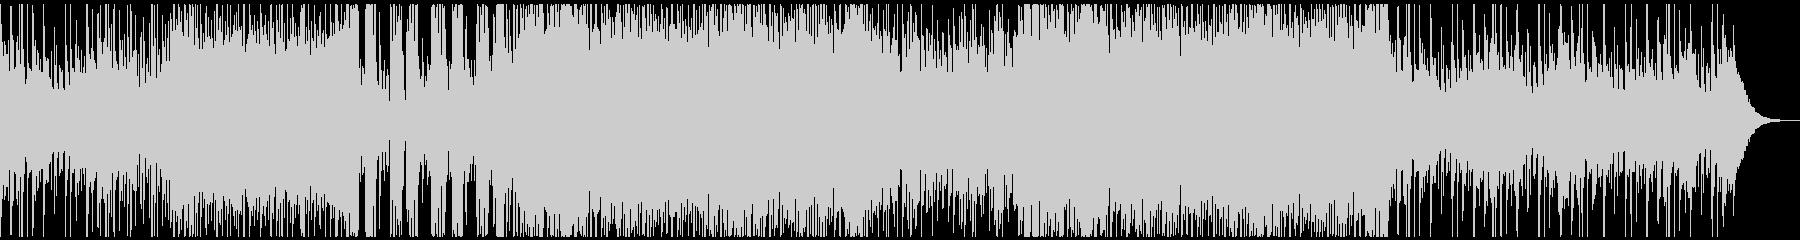 琴とシンセサウンドが融合したクールBGMの未再生の波形